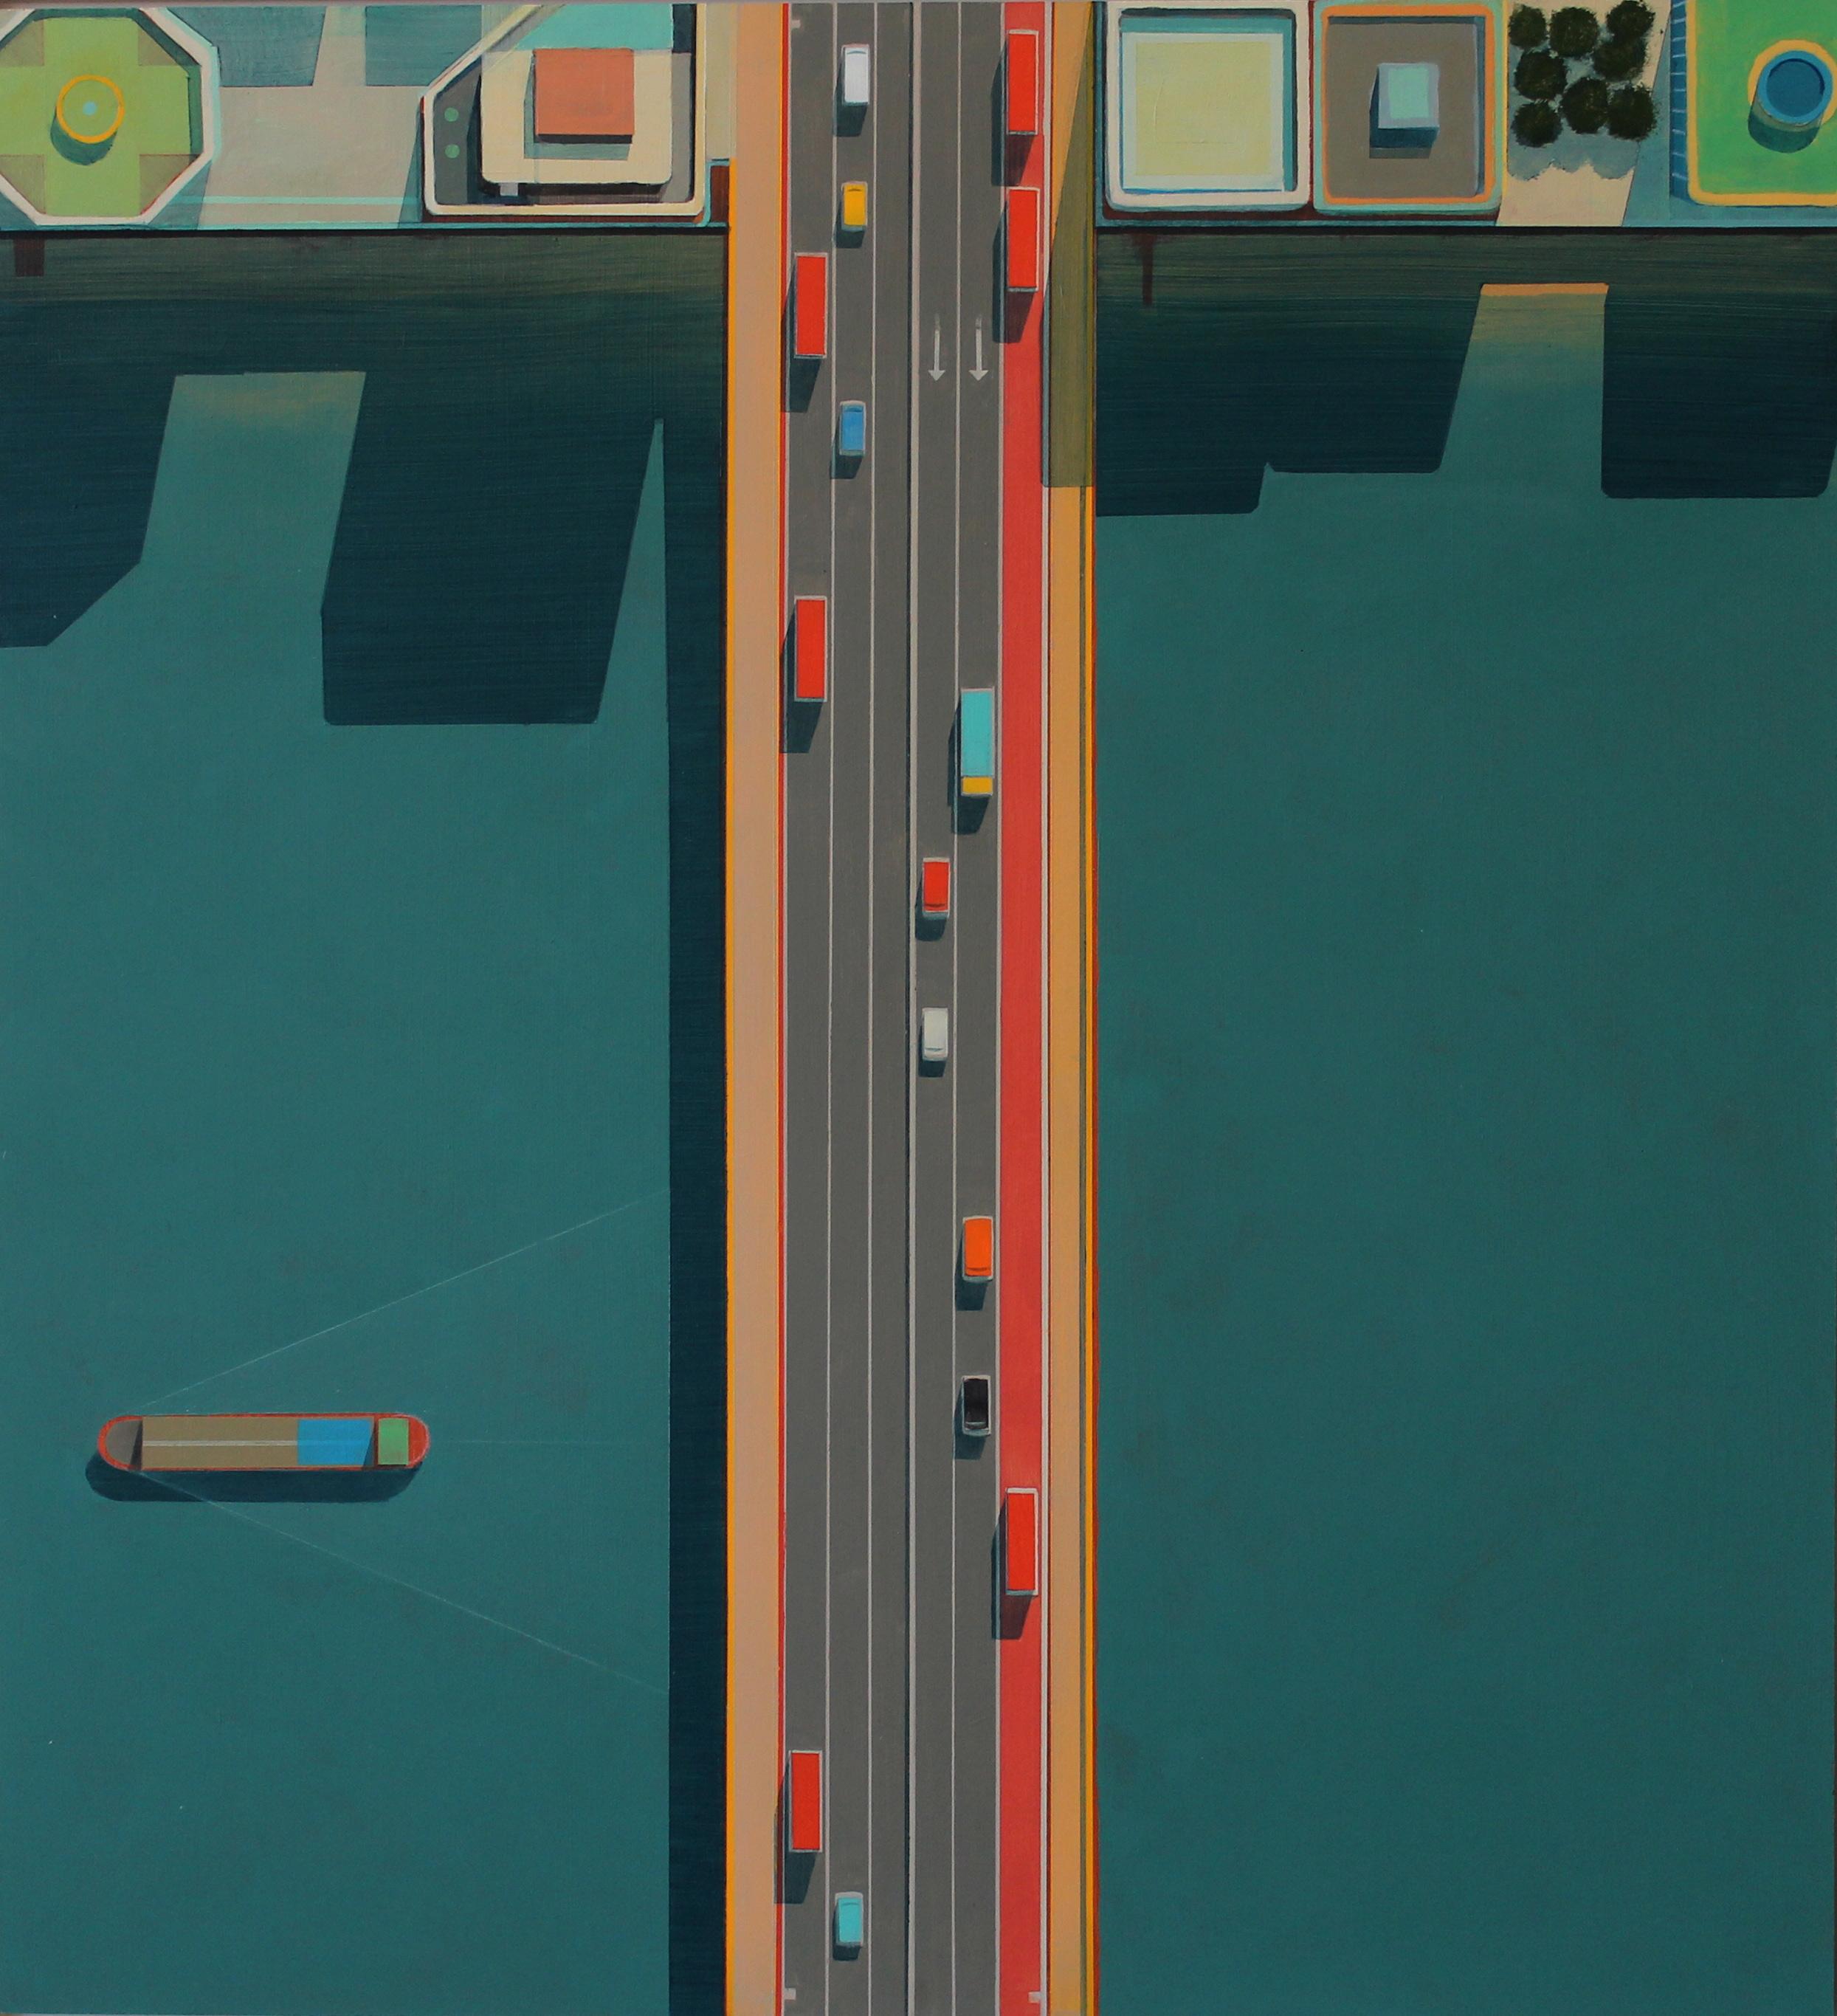 WEBLondon-Bridge-2017-acrylic-on-board-60x55-cm.jpg